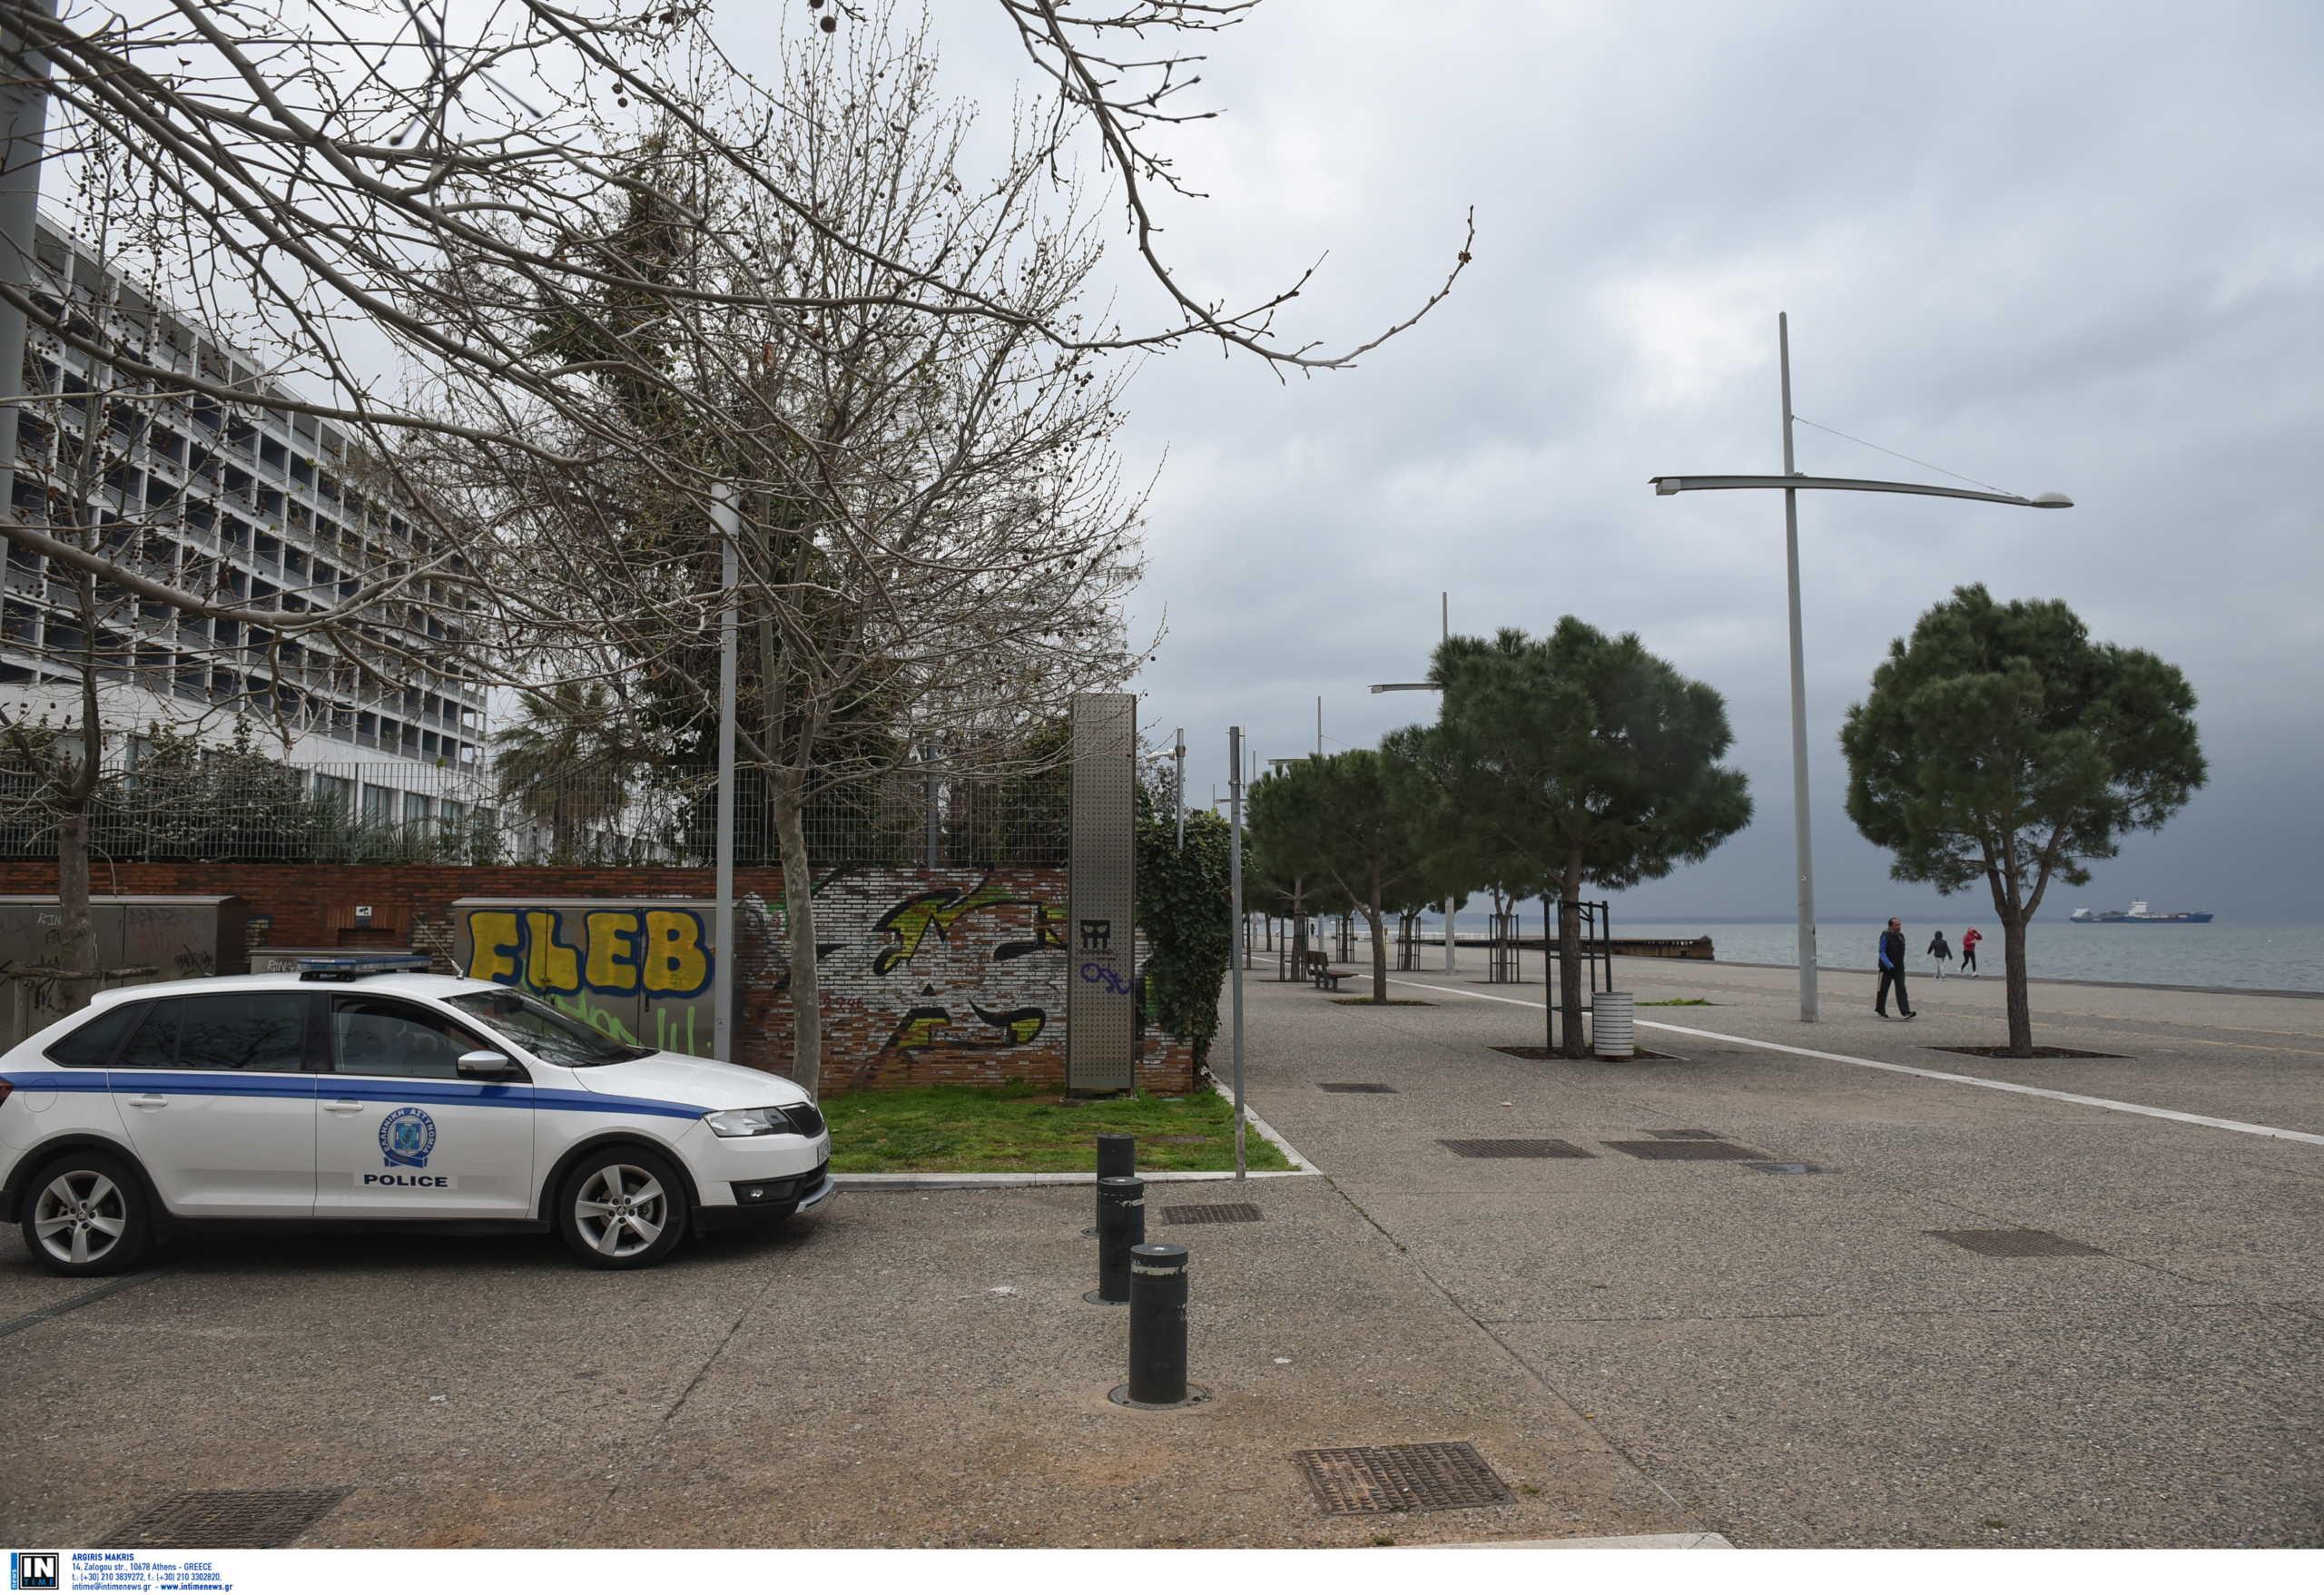 """Ληστές """"χτύπησαν"""" μαγαζιά στην άδεια λόγω απαγόρευσης Θεσσαλονίκη"""